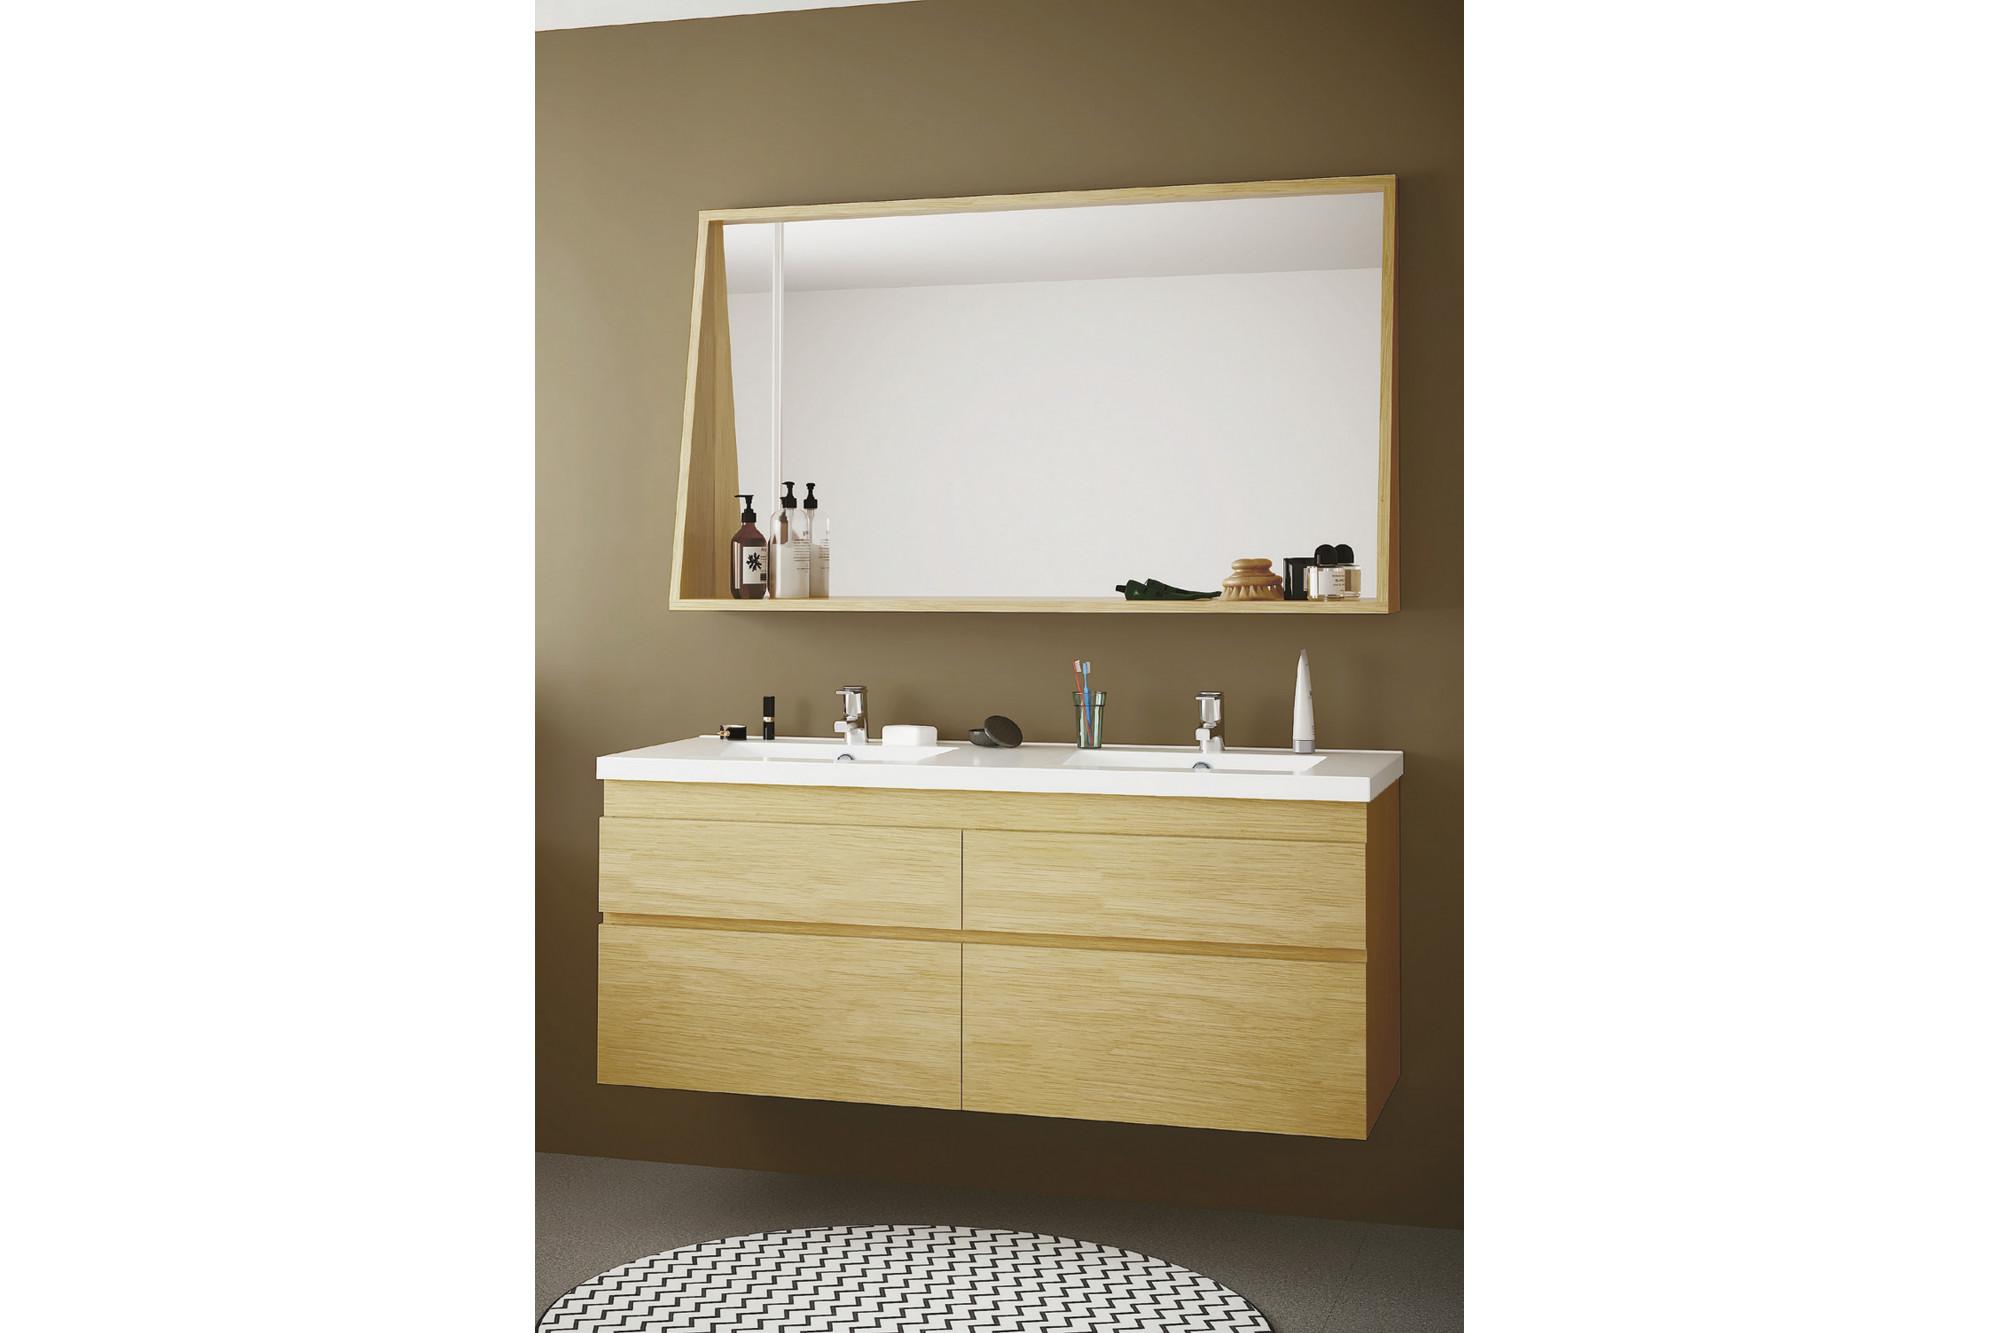 Meuble Haut Salle De Bain Avec Miroir meuble de salle de bain en bois massif 120 cm avec double vasque et miroir  - hellin